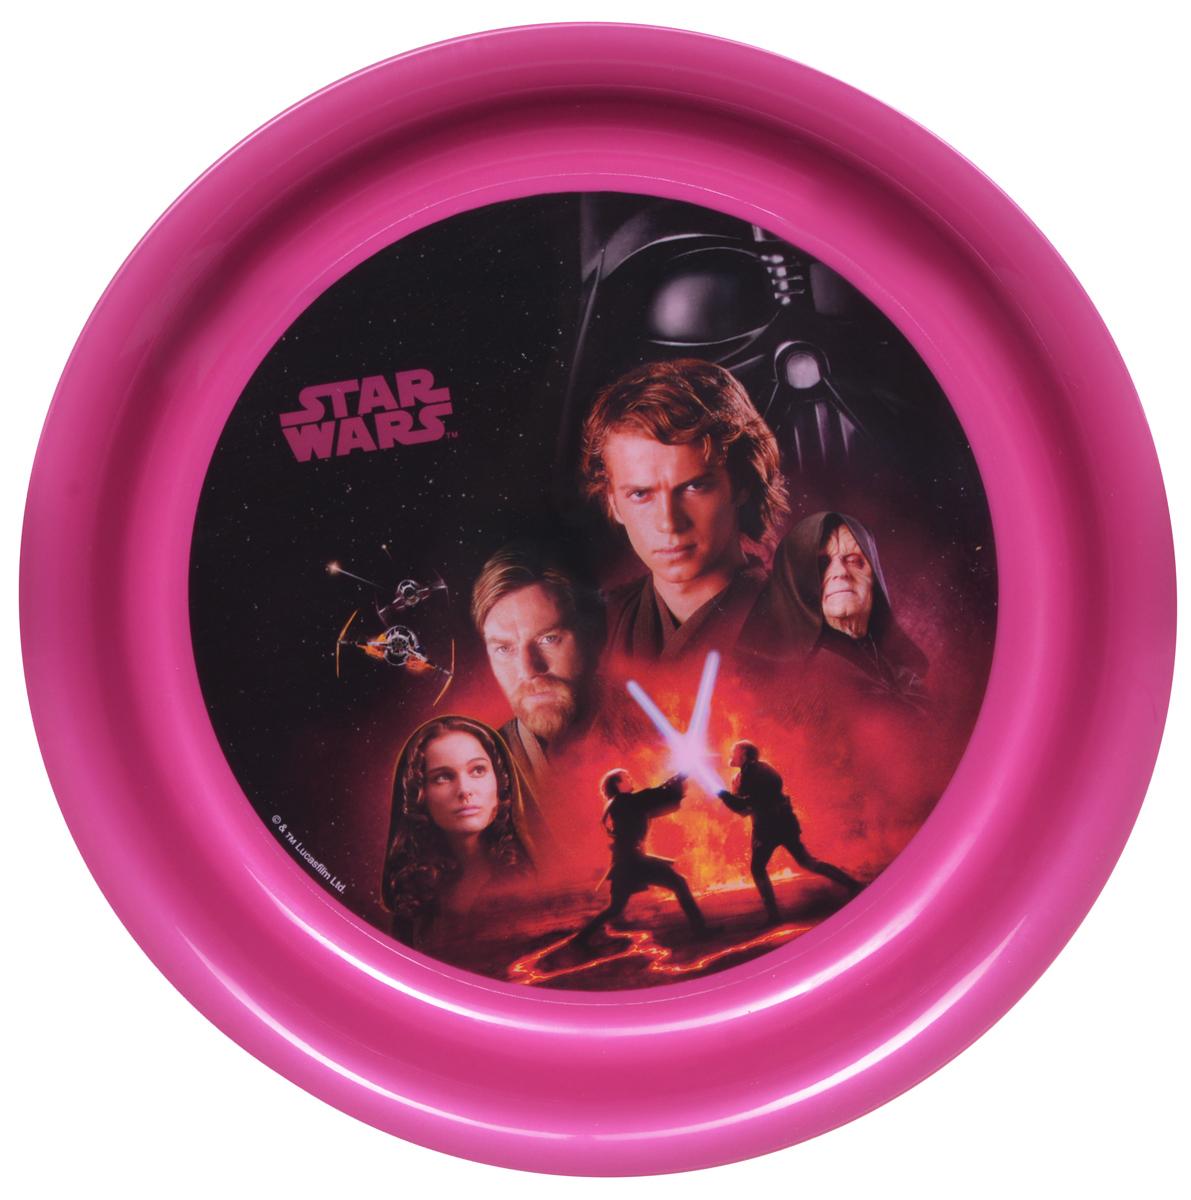 Star Wars Тарелка детская диаметр 19 смSWP19-03Детская тарелка Star Wars станет отличным подарком для любого фаната знаменитой саги. Она выполнена из полипропилена и оформлена рисунком с изображением героев фильма Звездные войны. Диаметр тарелки: 19 см. Не подходит для использования в посудомоечной машине и СВЧ-печи.